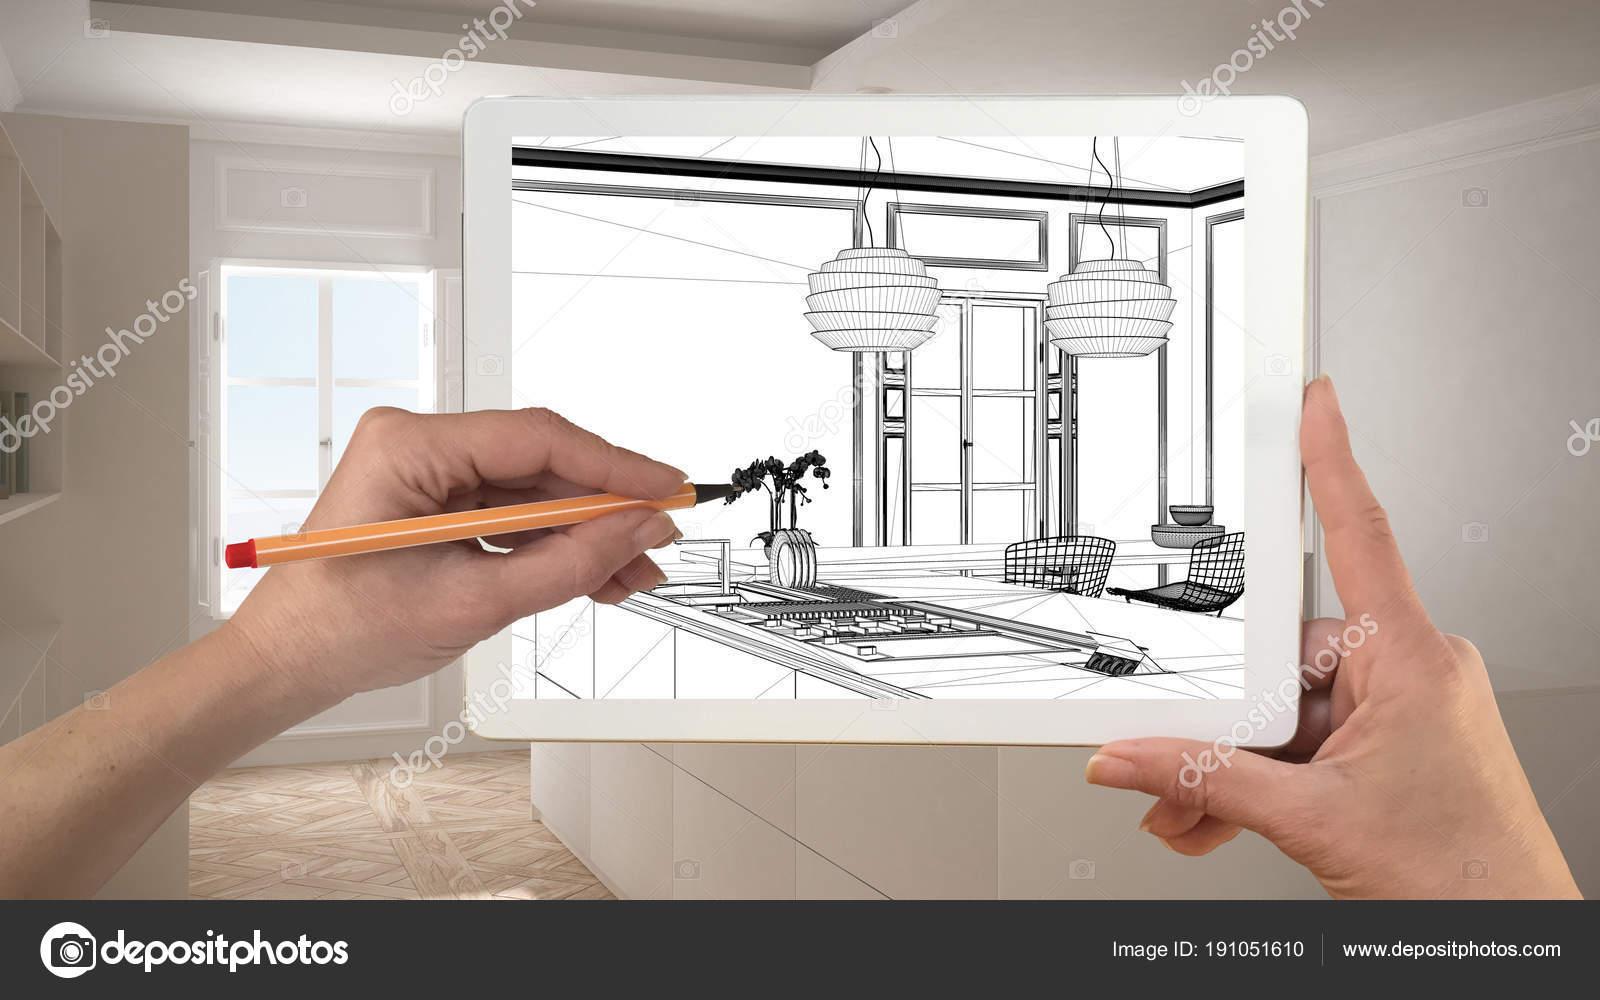 Hande Halten Und Zeichnen Auf Tablet Zeigt Moderne Kuche Cad S